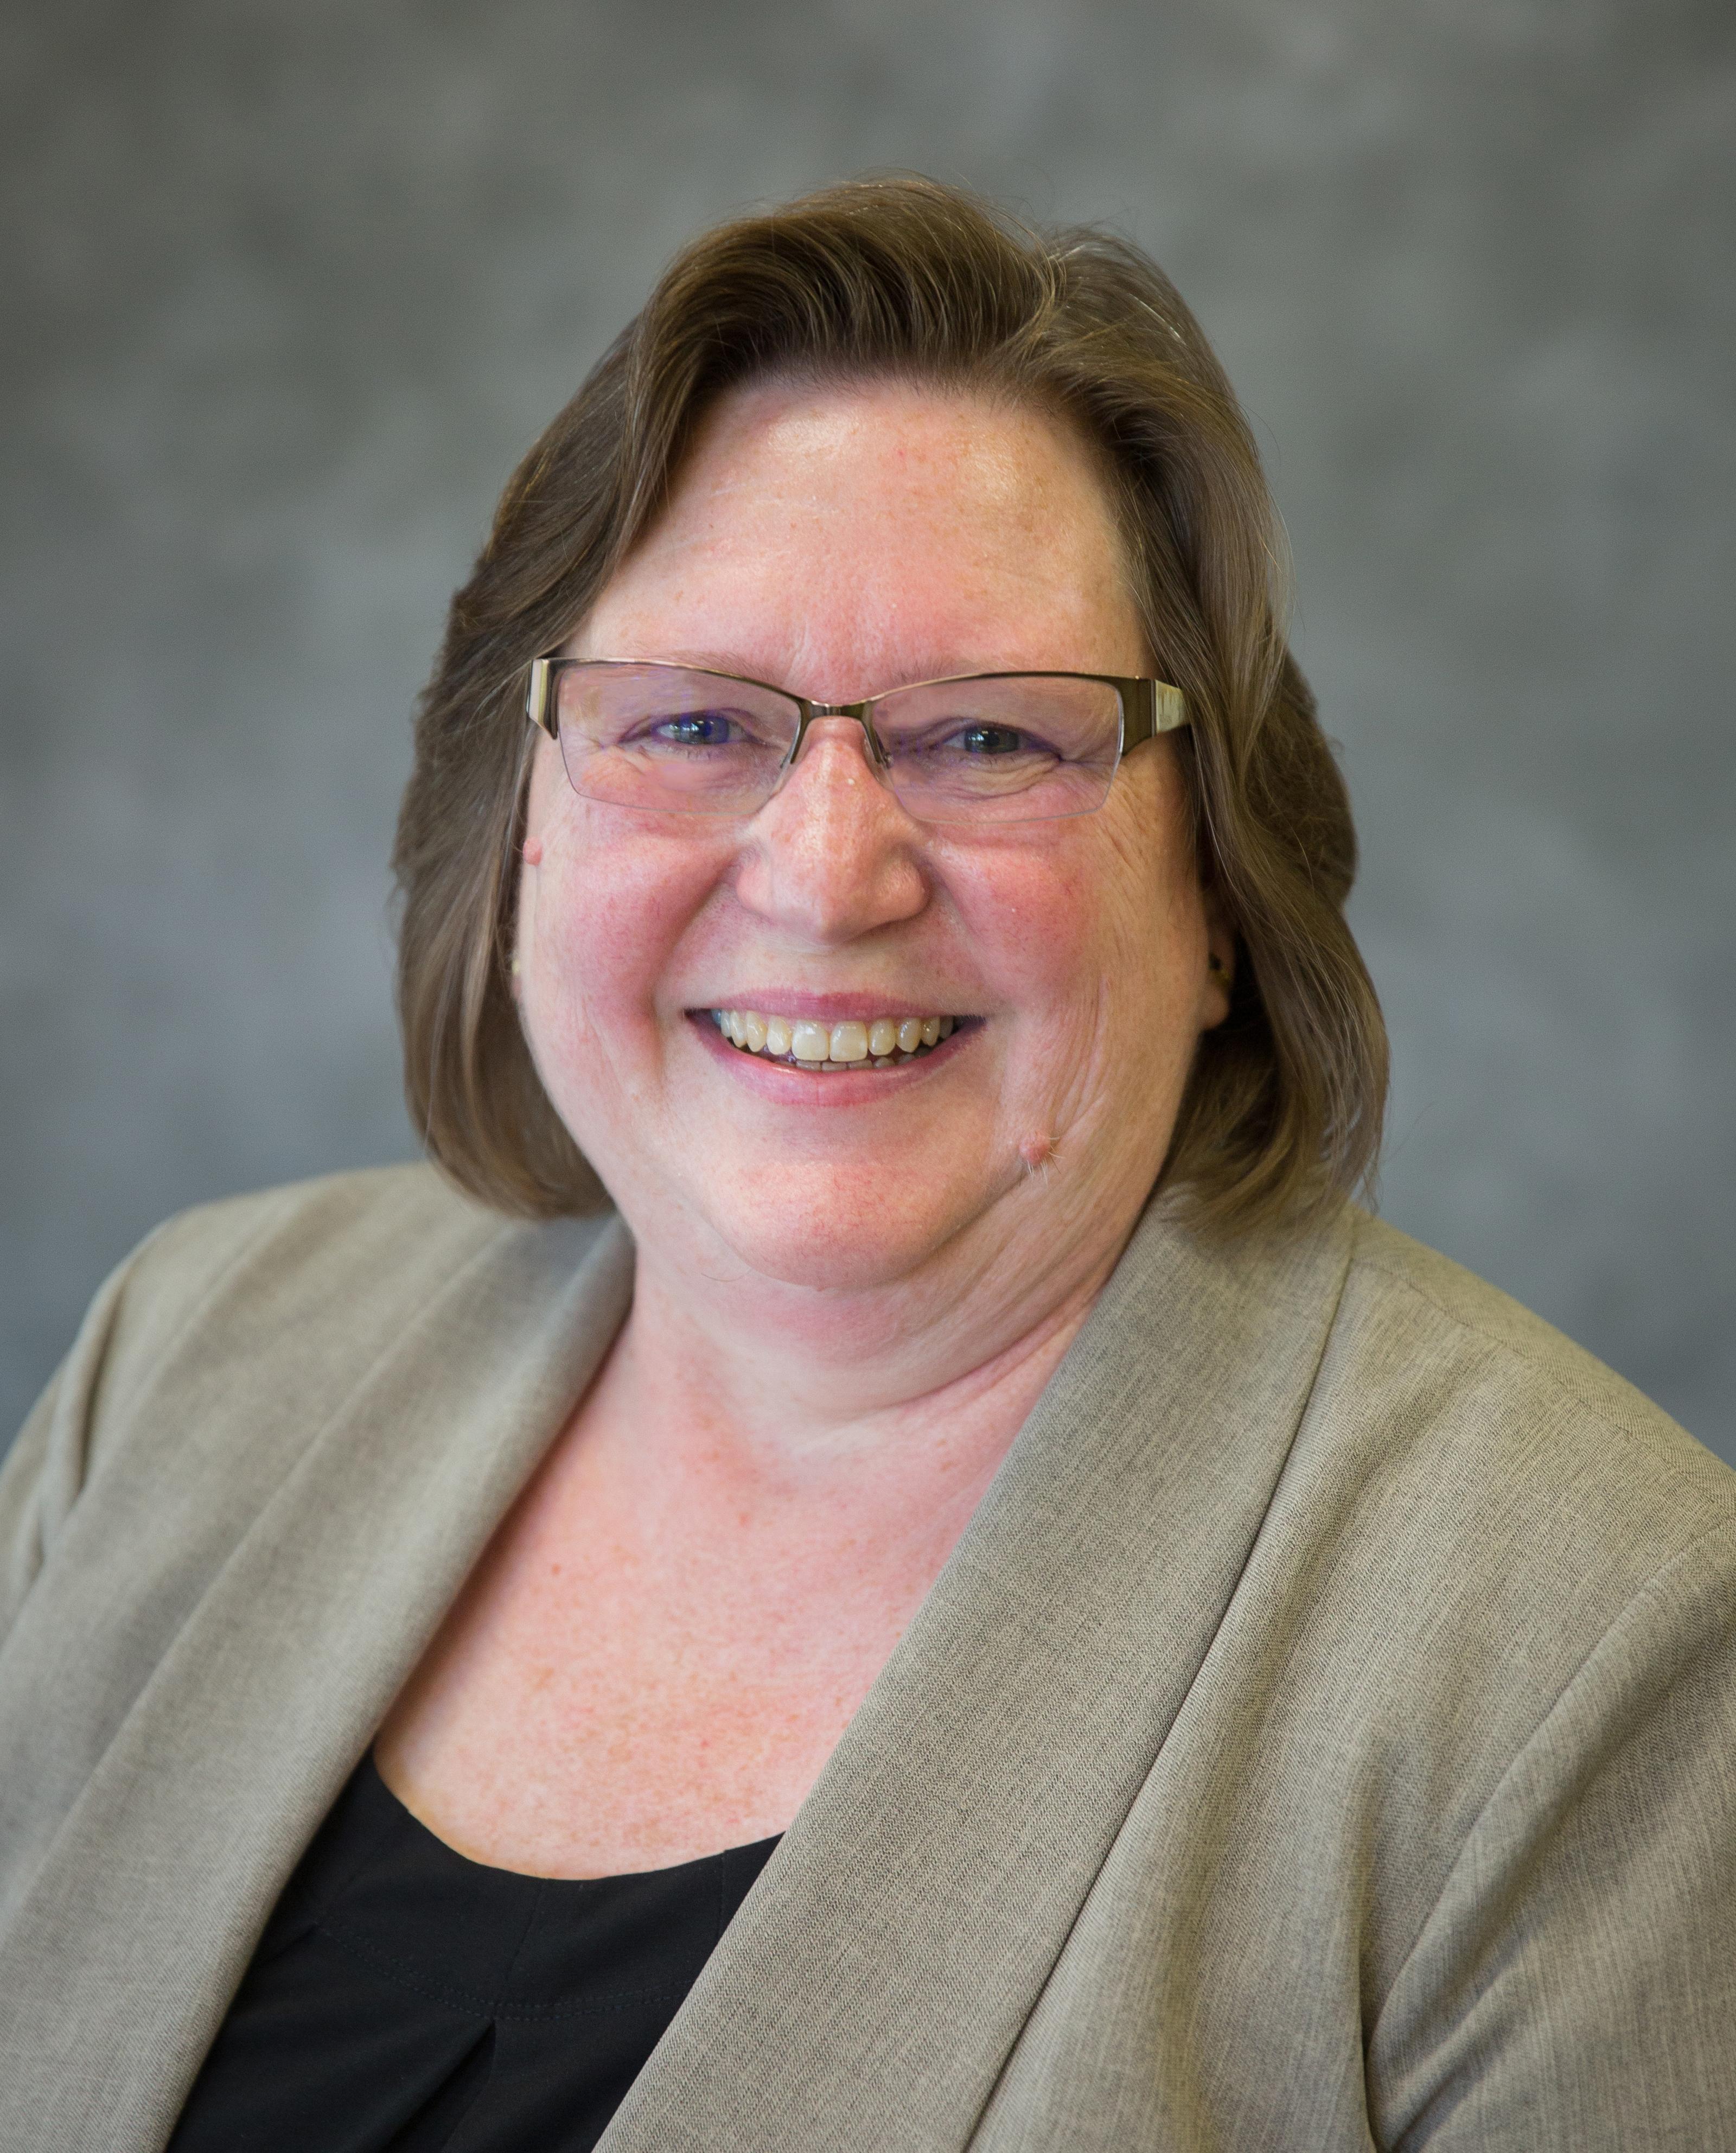 Cindy Laubenstein